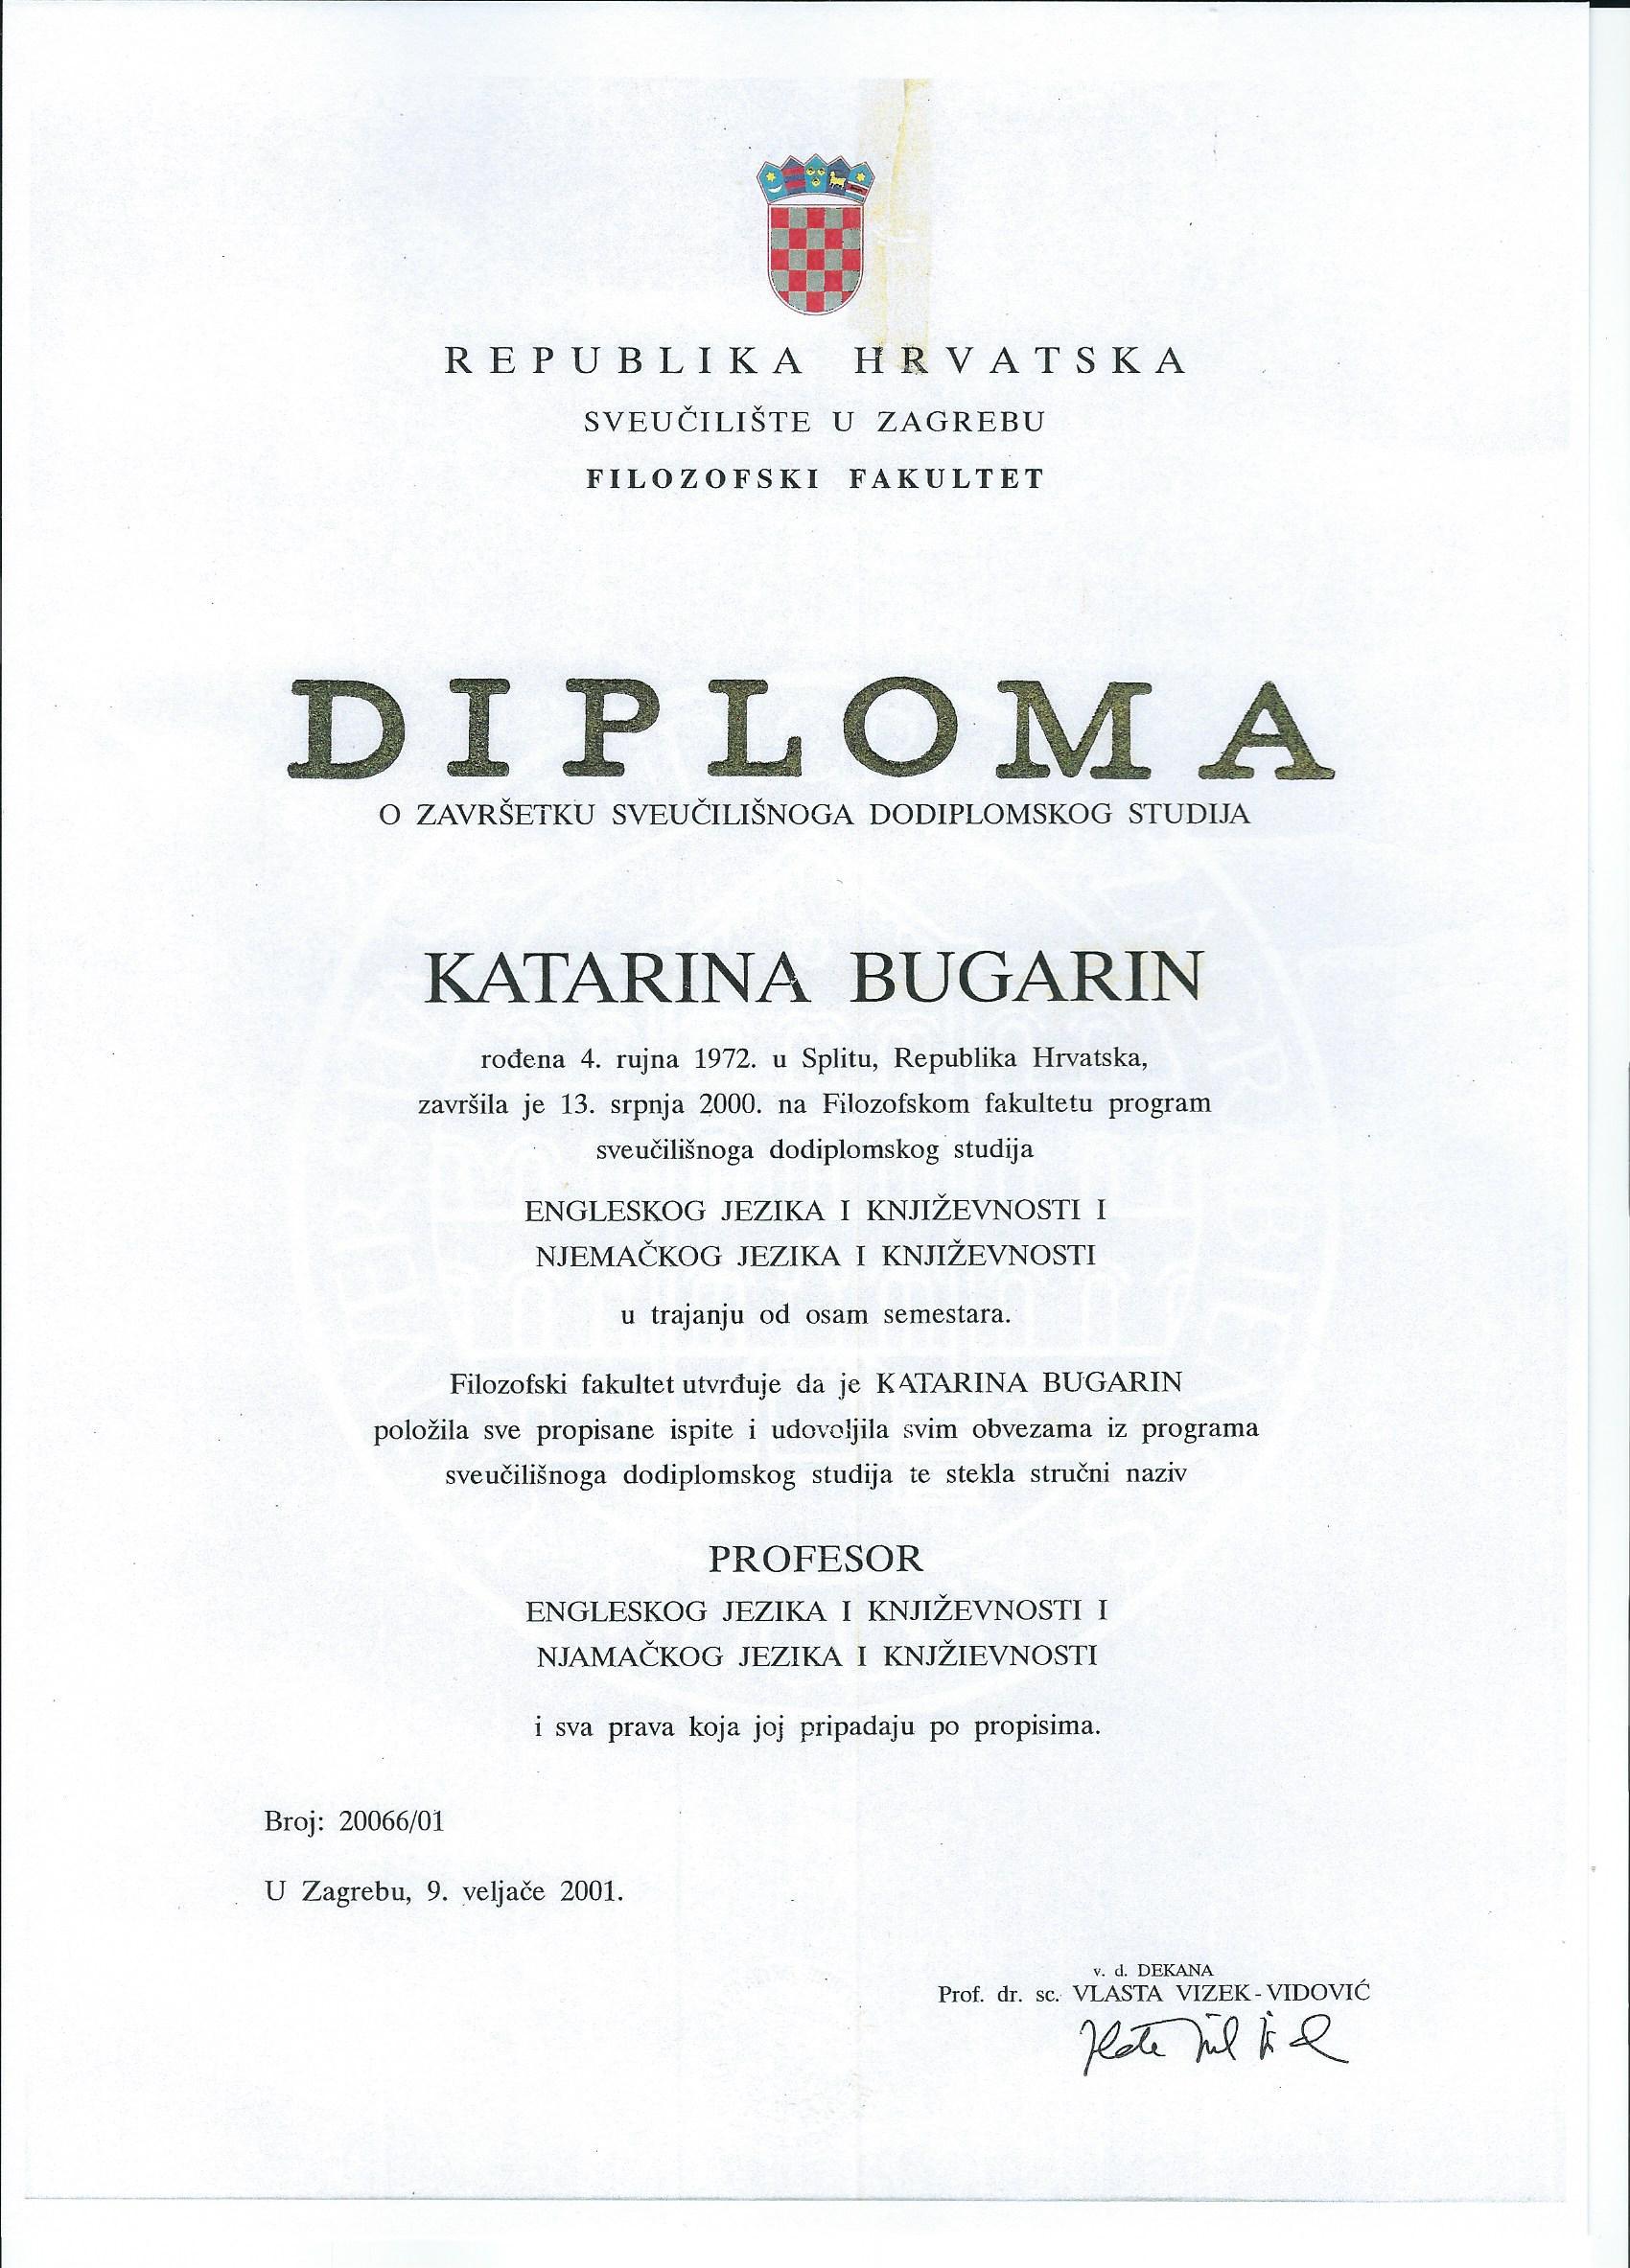 DIPLOMA_KATARINA BUGARIN